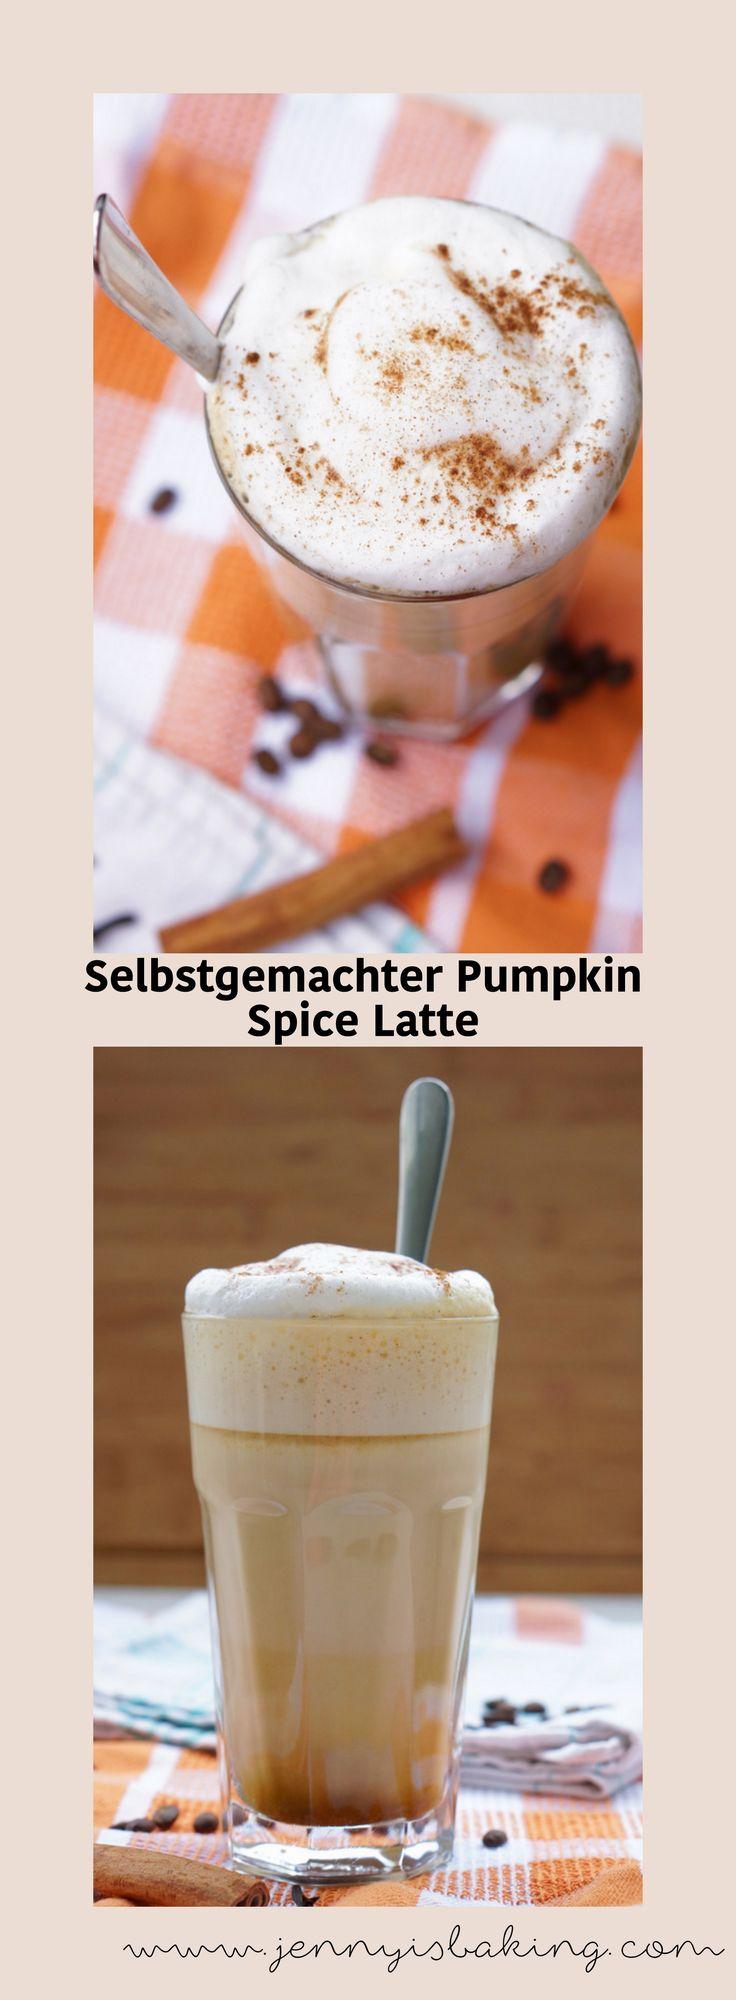 Selbstgemachter Pumpkin Spice Latte, viel besser als bei Starbucks! #pumpkinspice #latte #kürbis